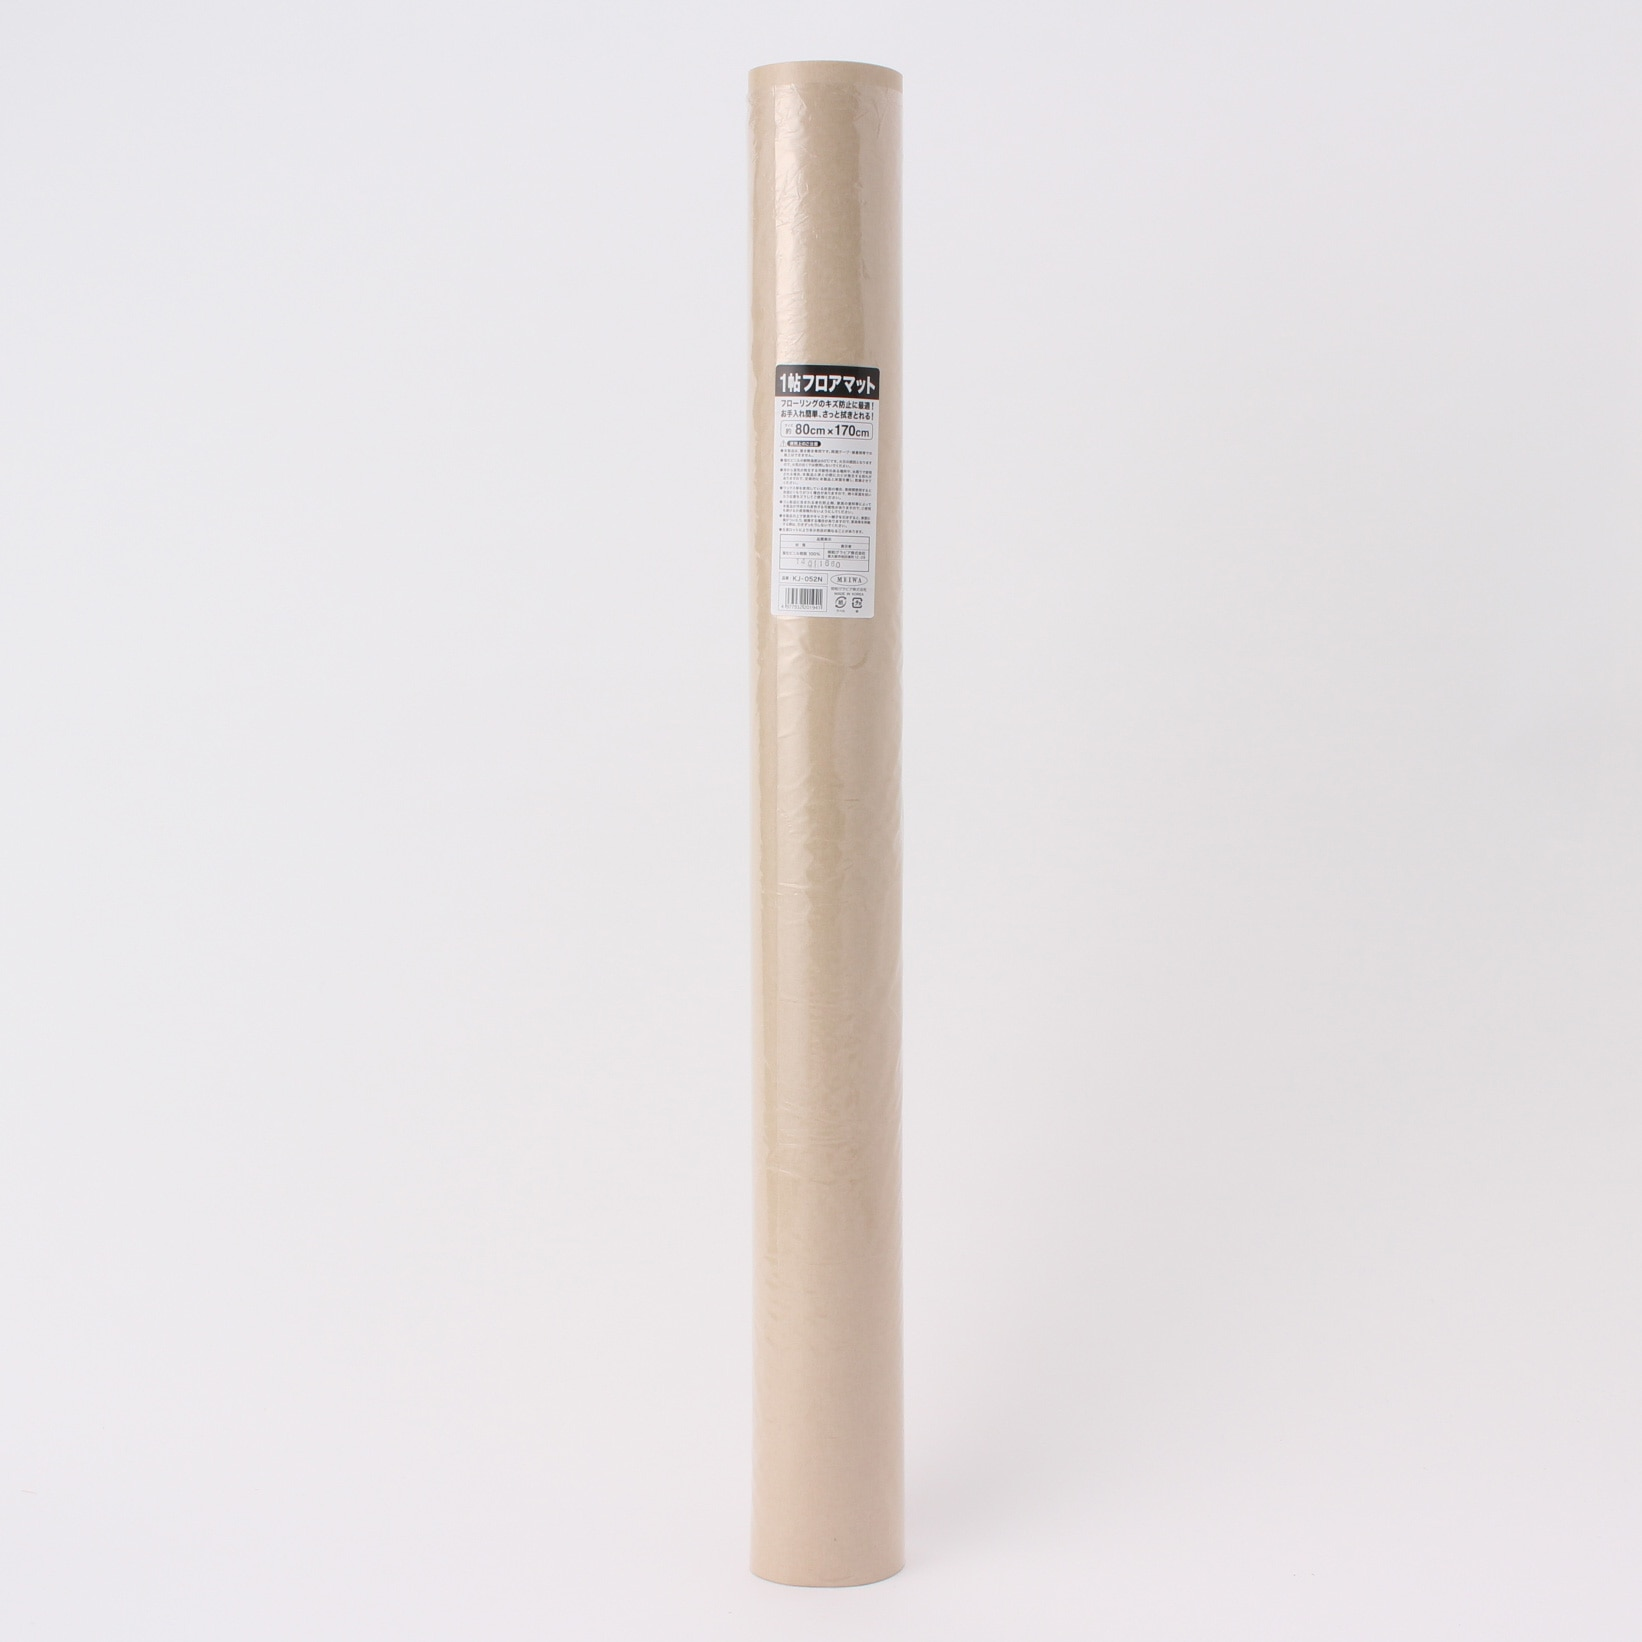 1帖フロアマット KJ−052N ベージュ 80cmx170cm